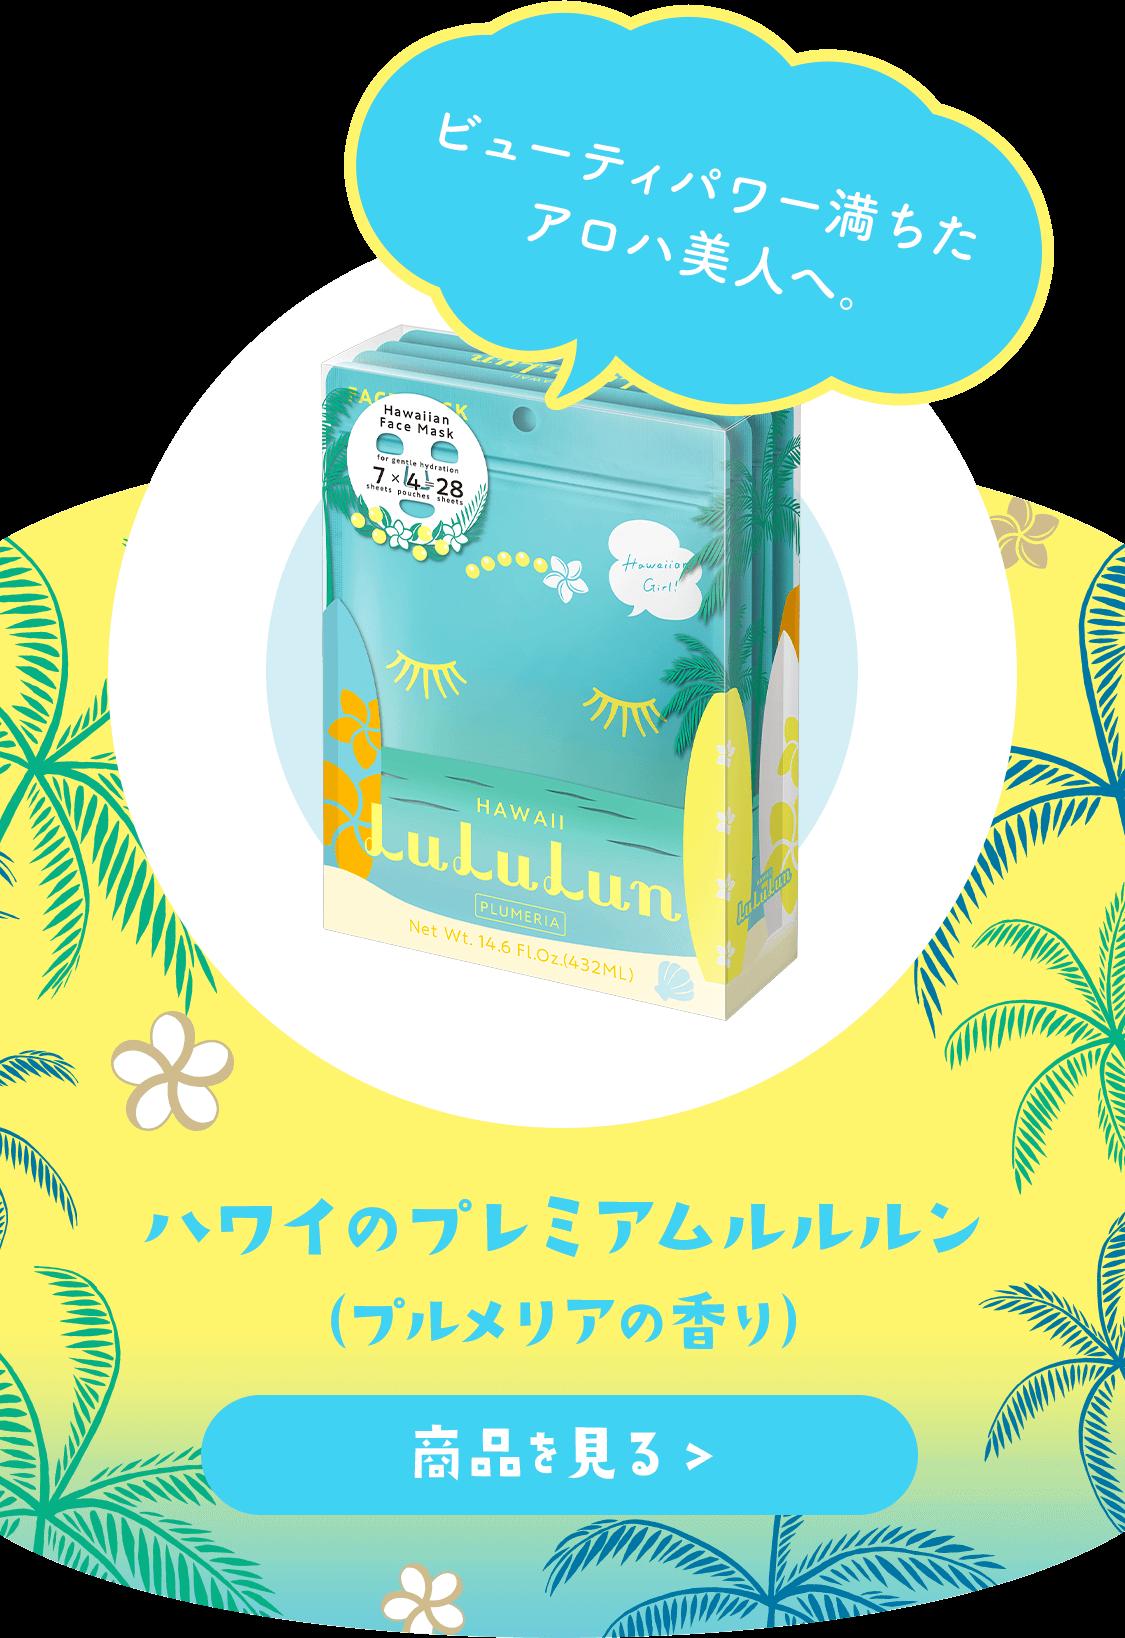 ハワイのプレミアムルルルン (プルメリアの香り)